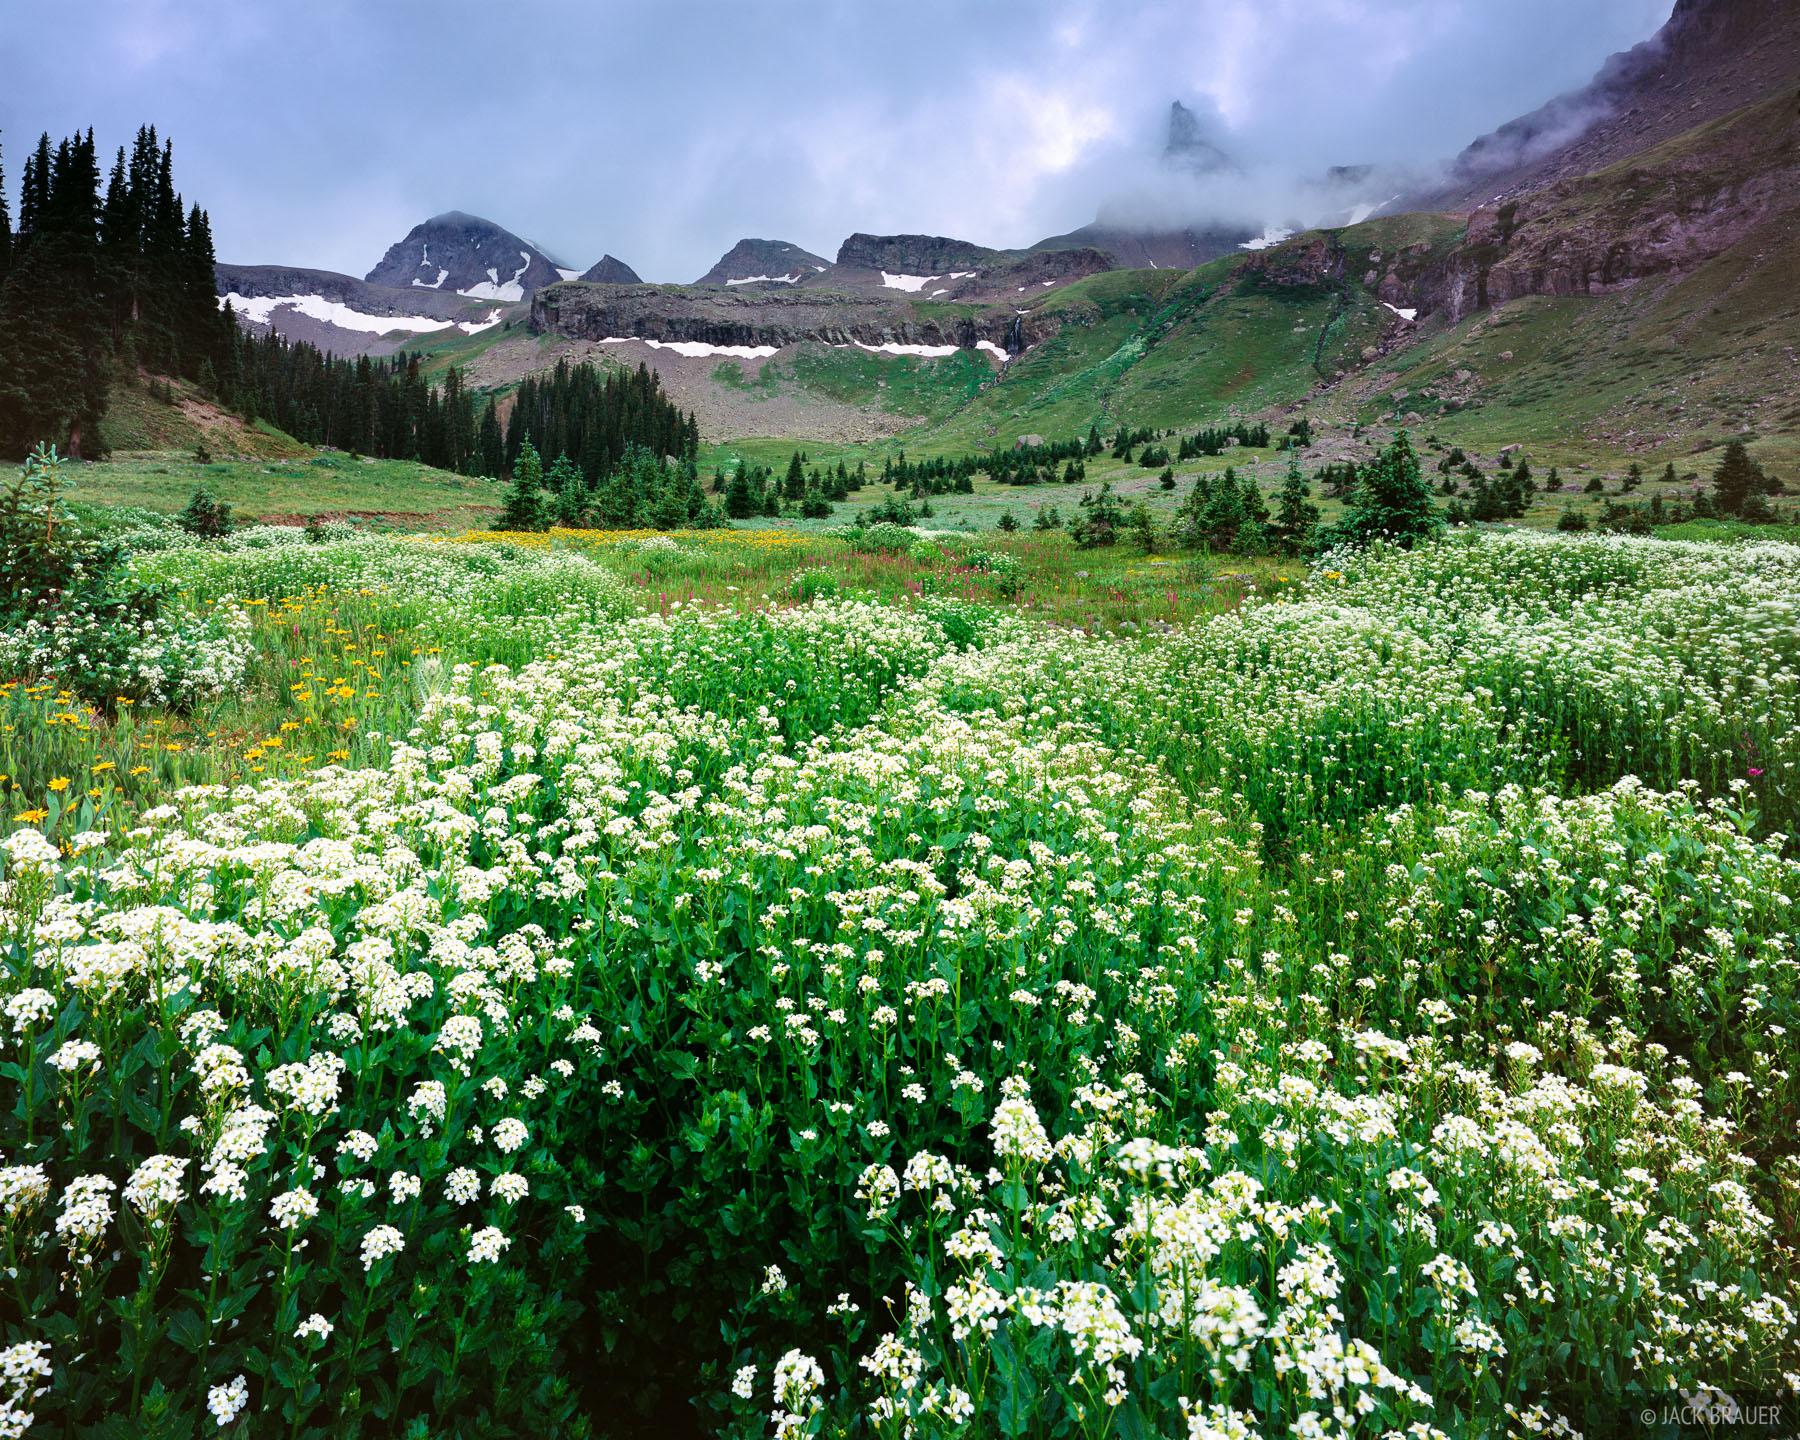 Coxcomb Peak, wildflowers, Uncompahgre Wilderness, Colorado, photo